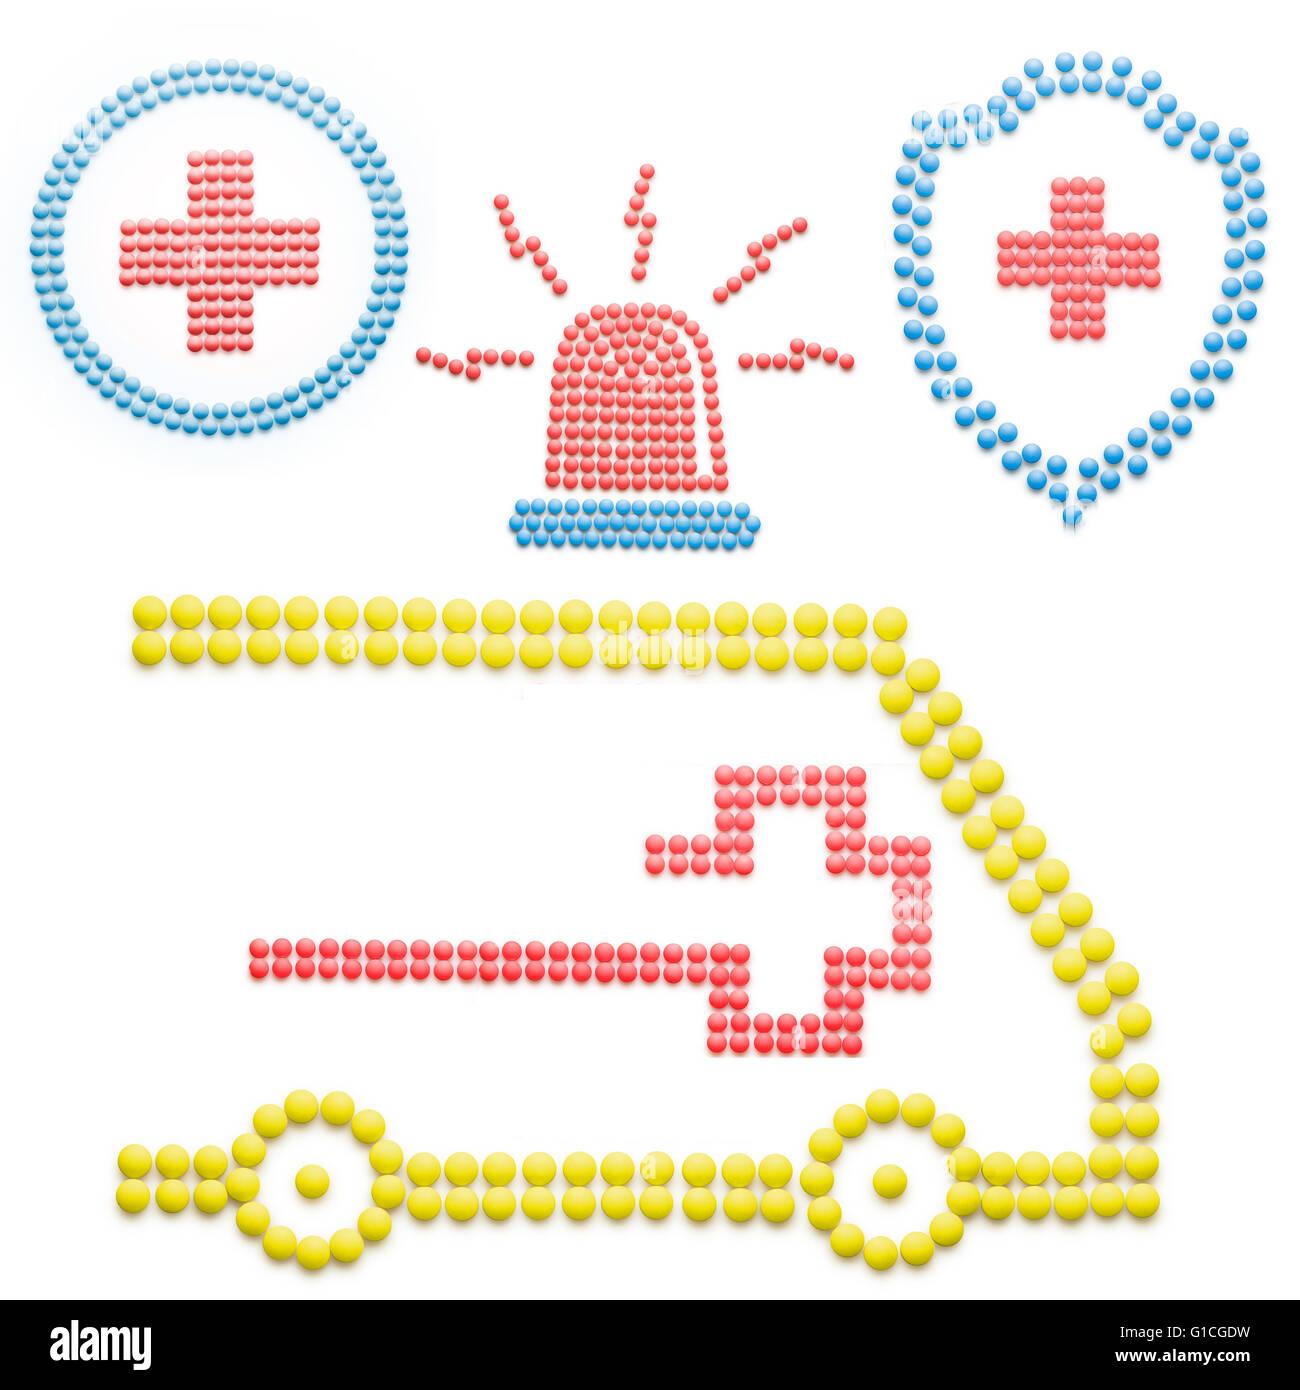 Kreative Medizin und Gesundheitswesen Konzept von Medikamenten und Pillen, Rettungswagen Auto mit Sirene isoliert Stockbild